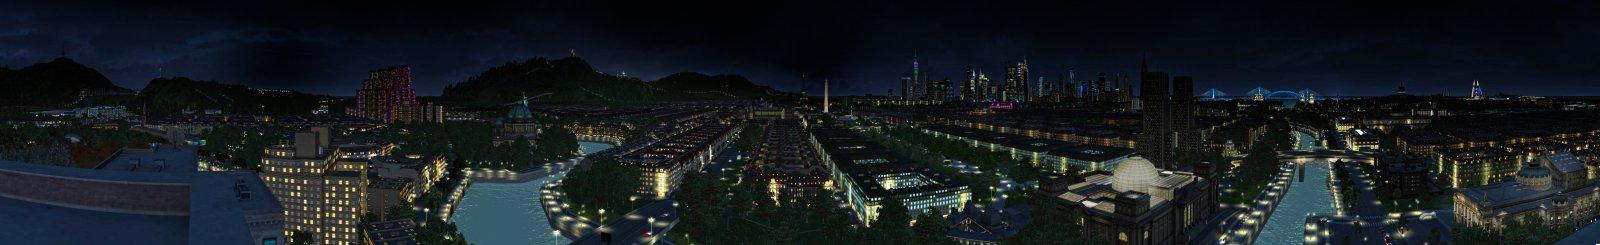 panoramaopera.jpg